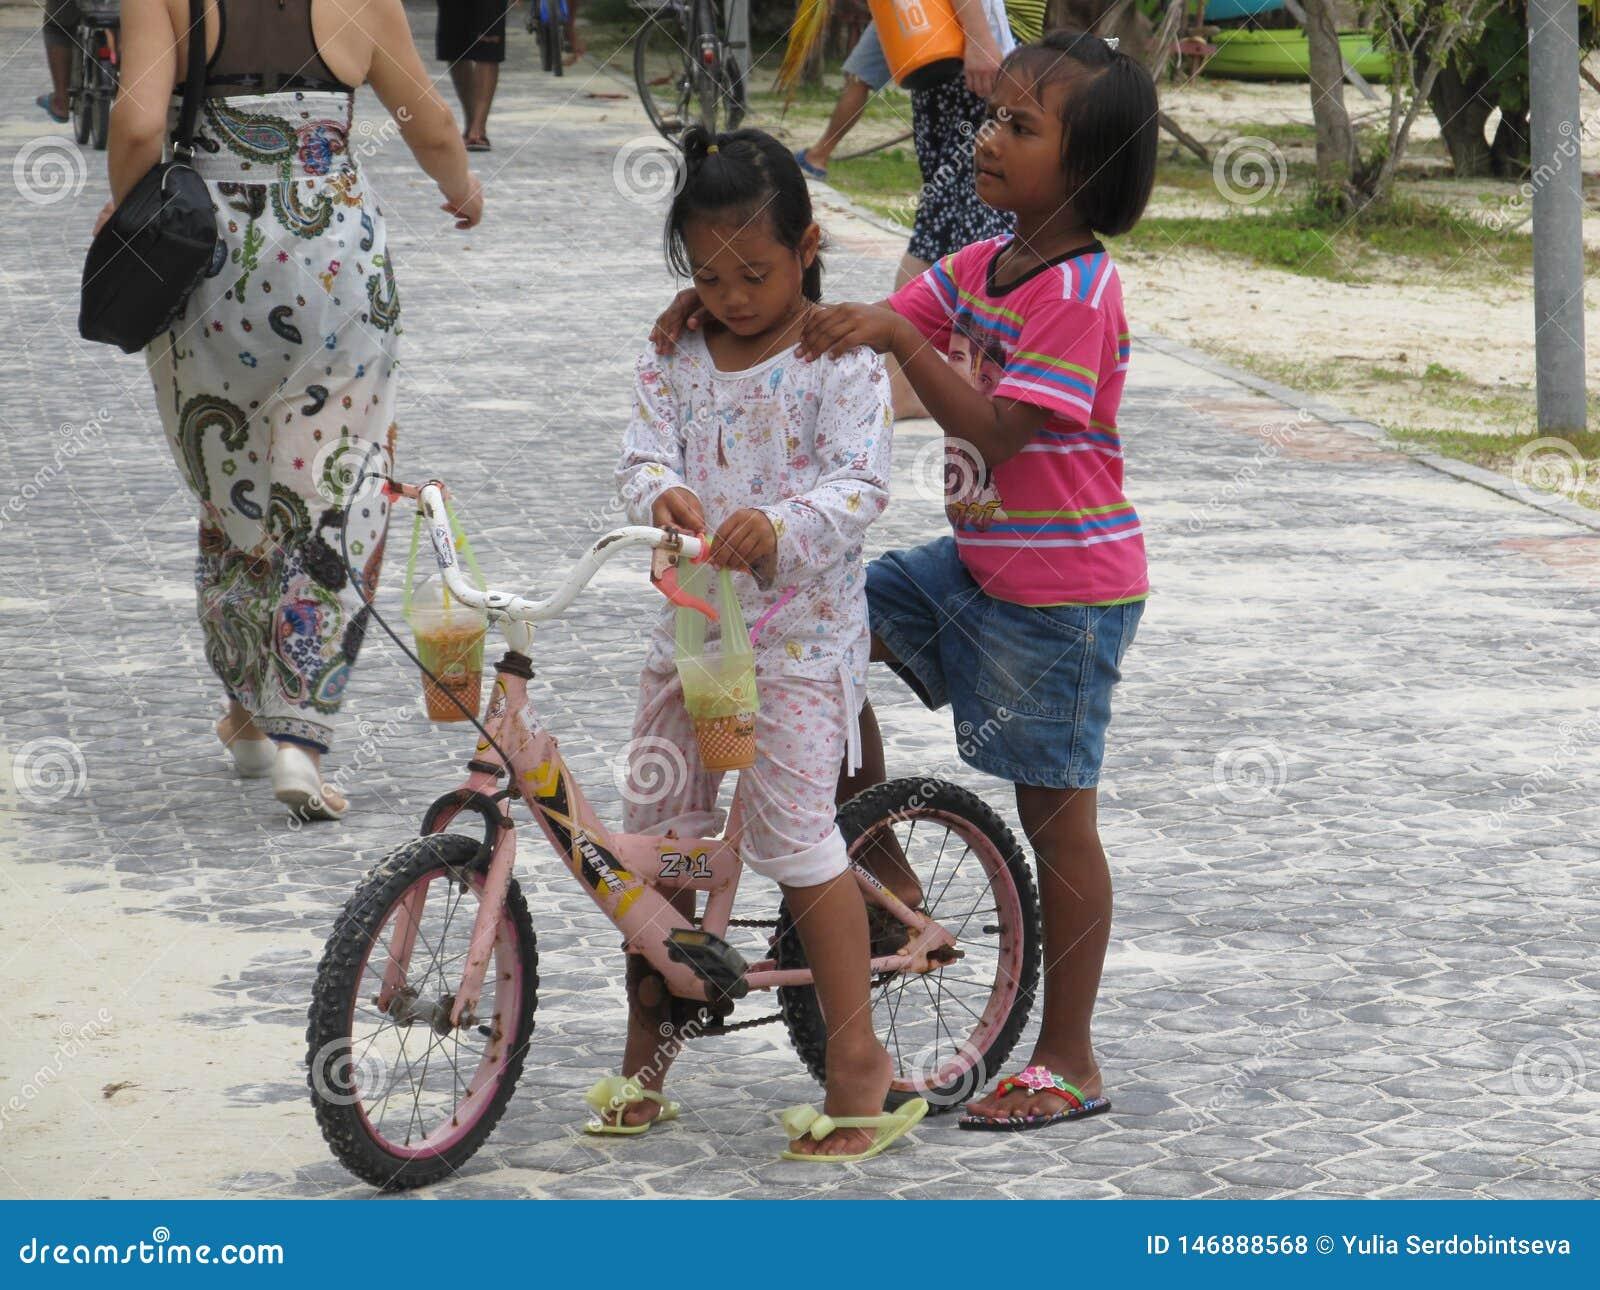 Пхукет, Пхукет Таиланд - 10 15 2012: темнокожая азиатская девушка держит ее друга плечами который занятый с ее велосипедом